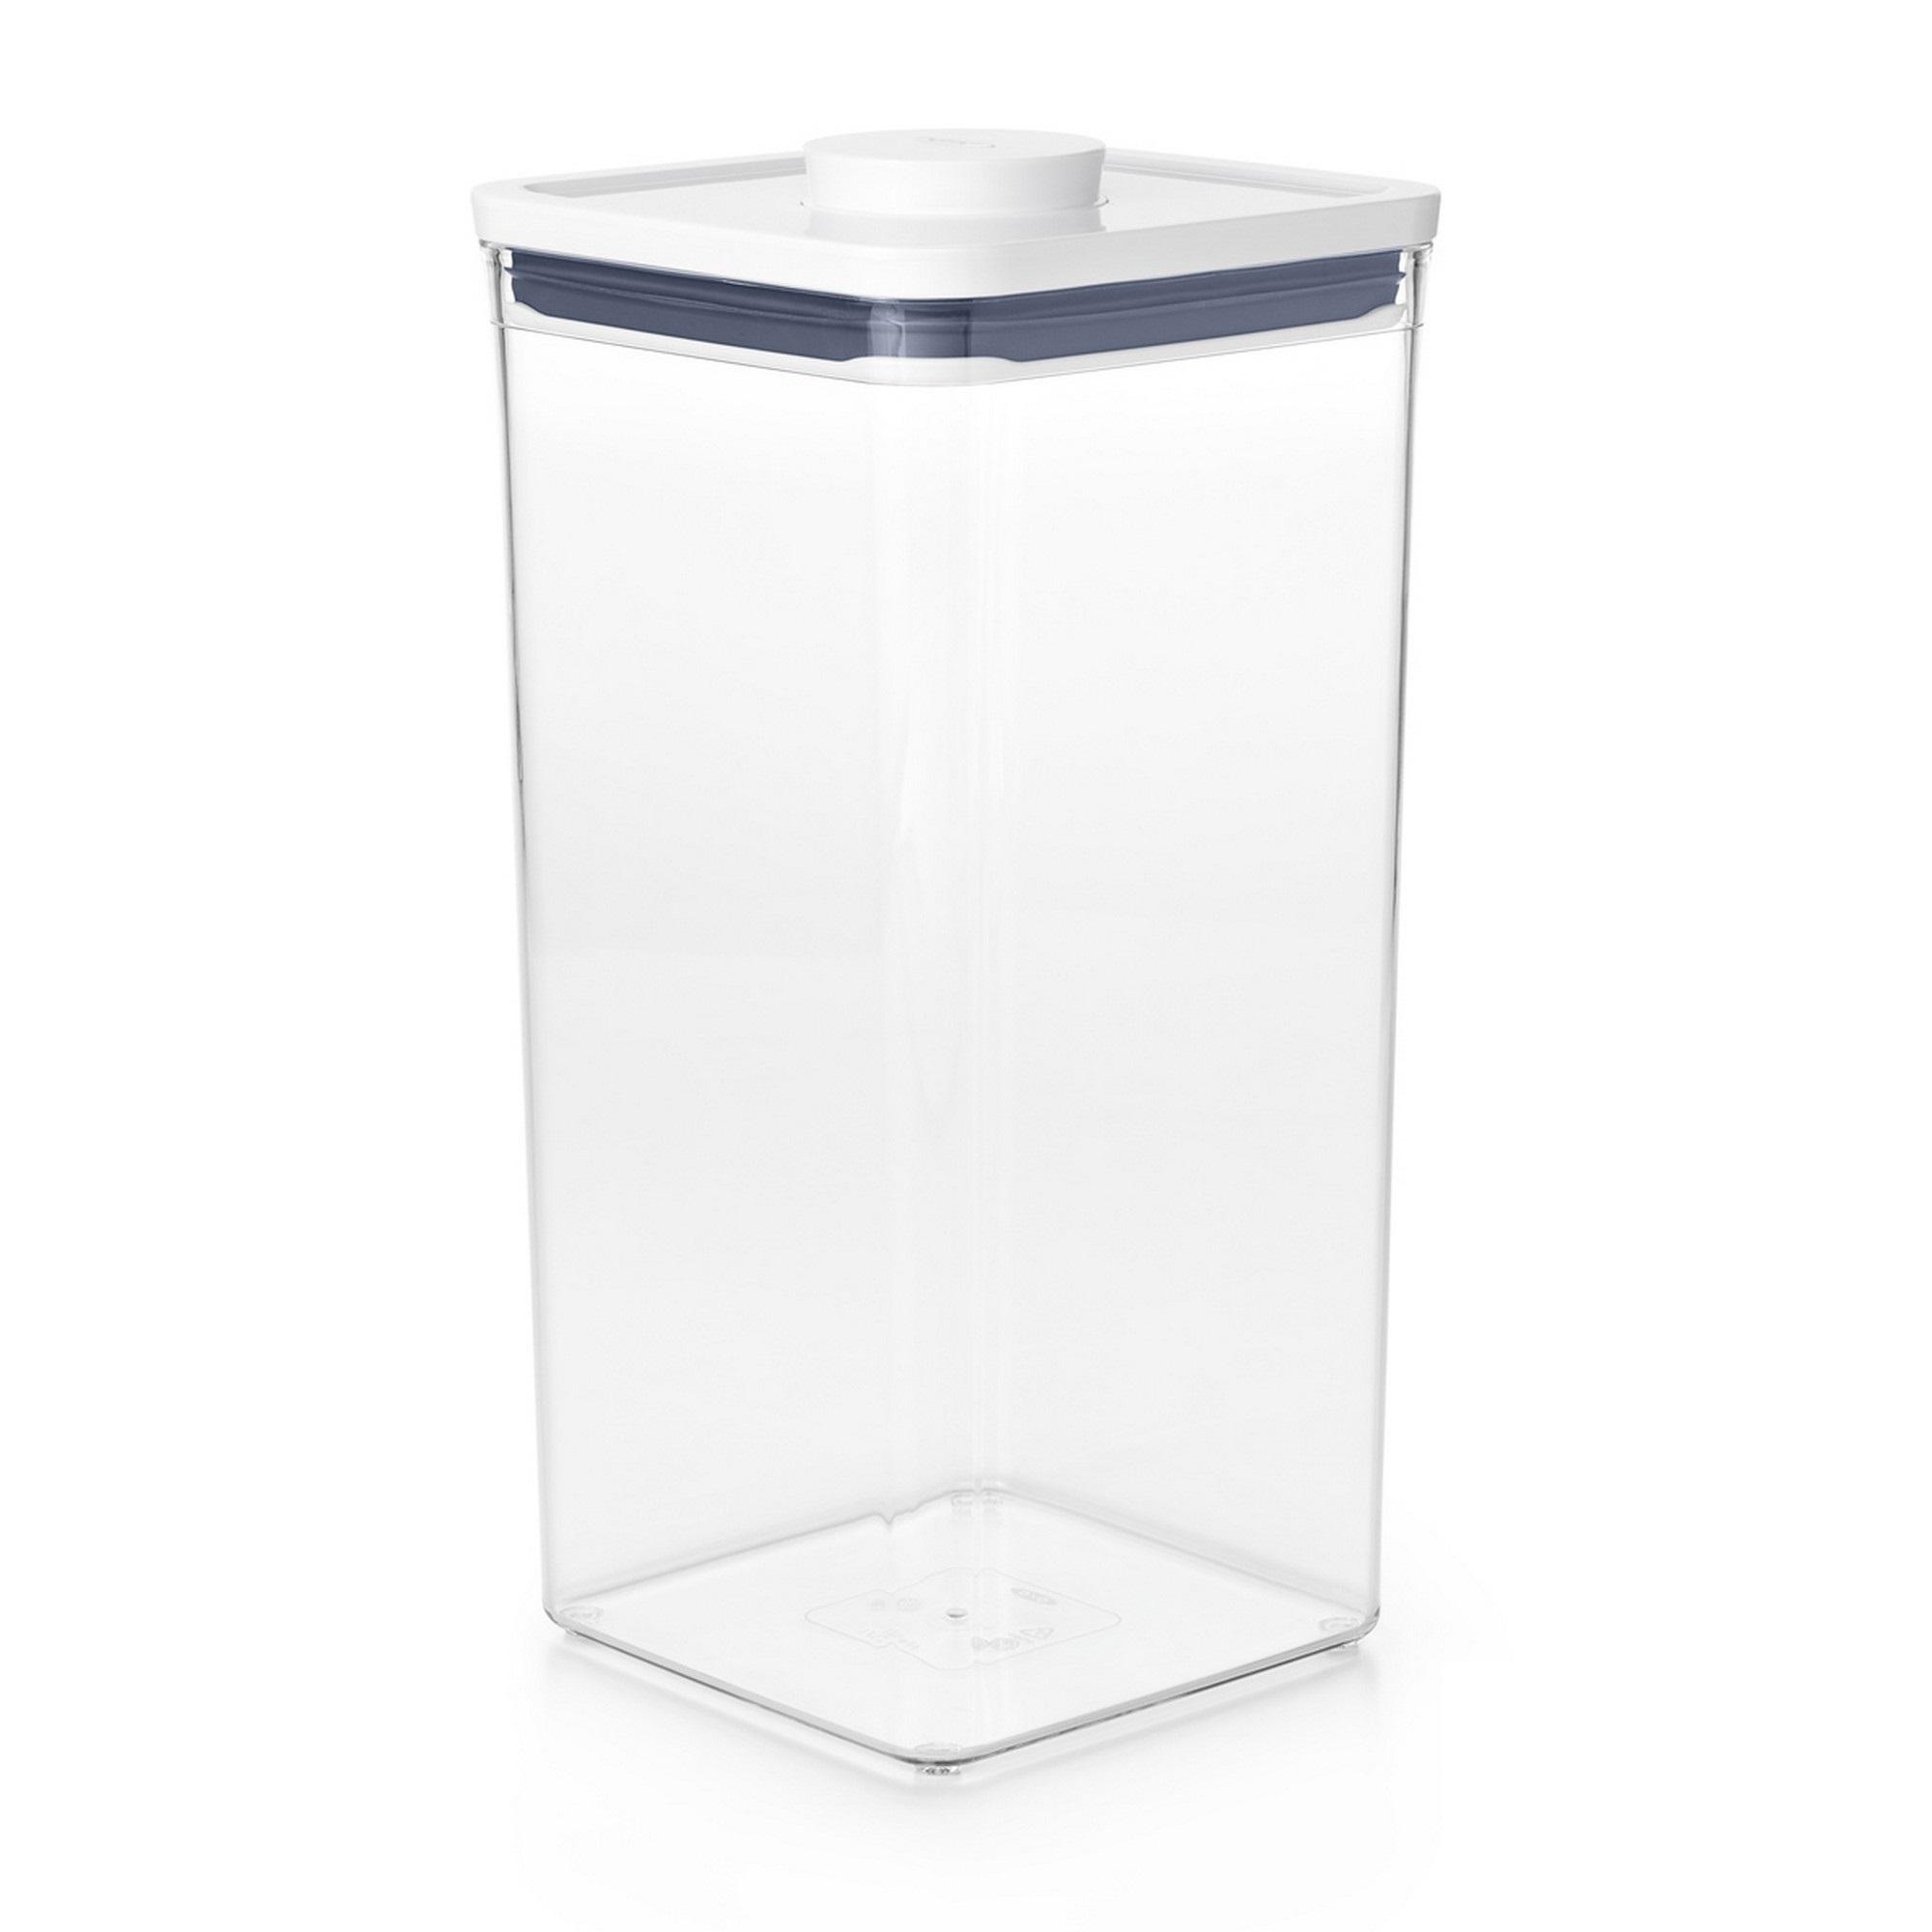 Pote Quadrado 5,7 litros Oxo Pop 2.0 com Fechamento Hermético